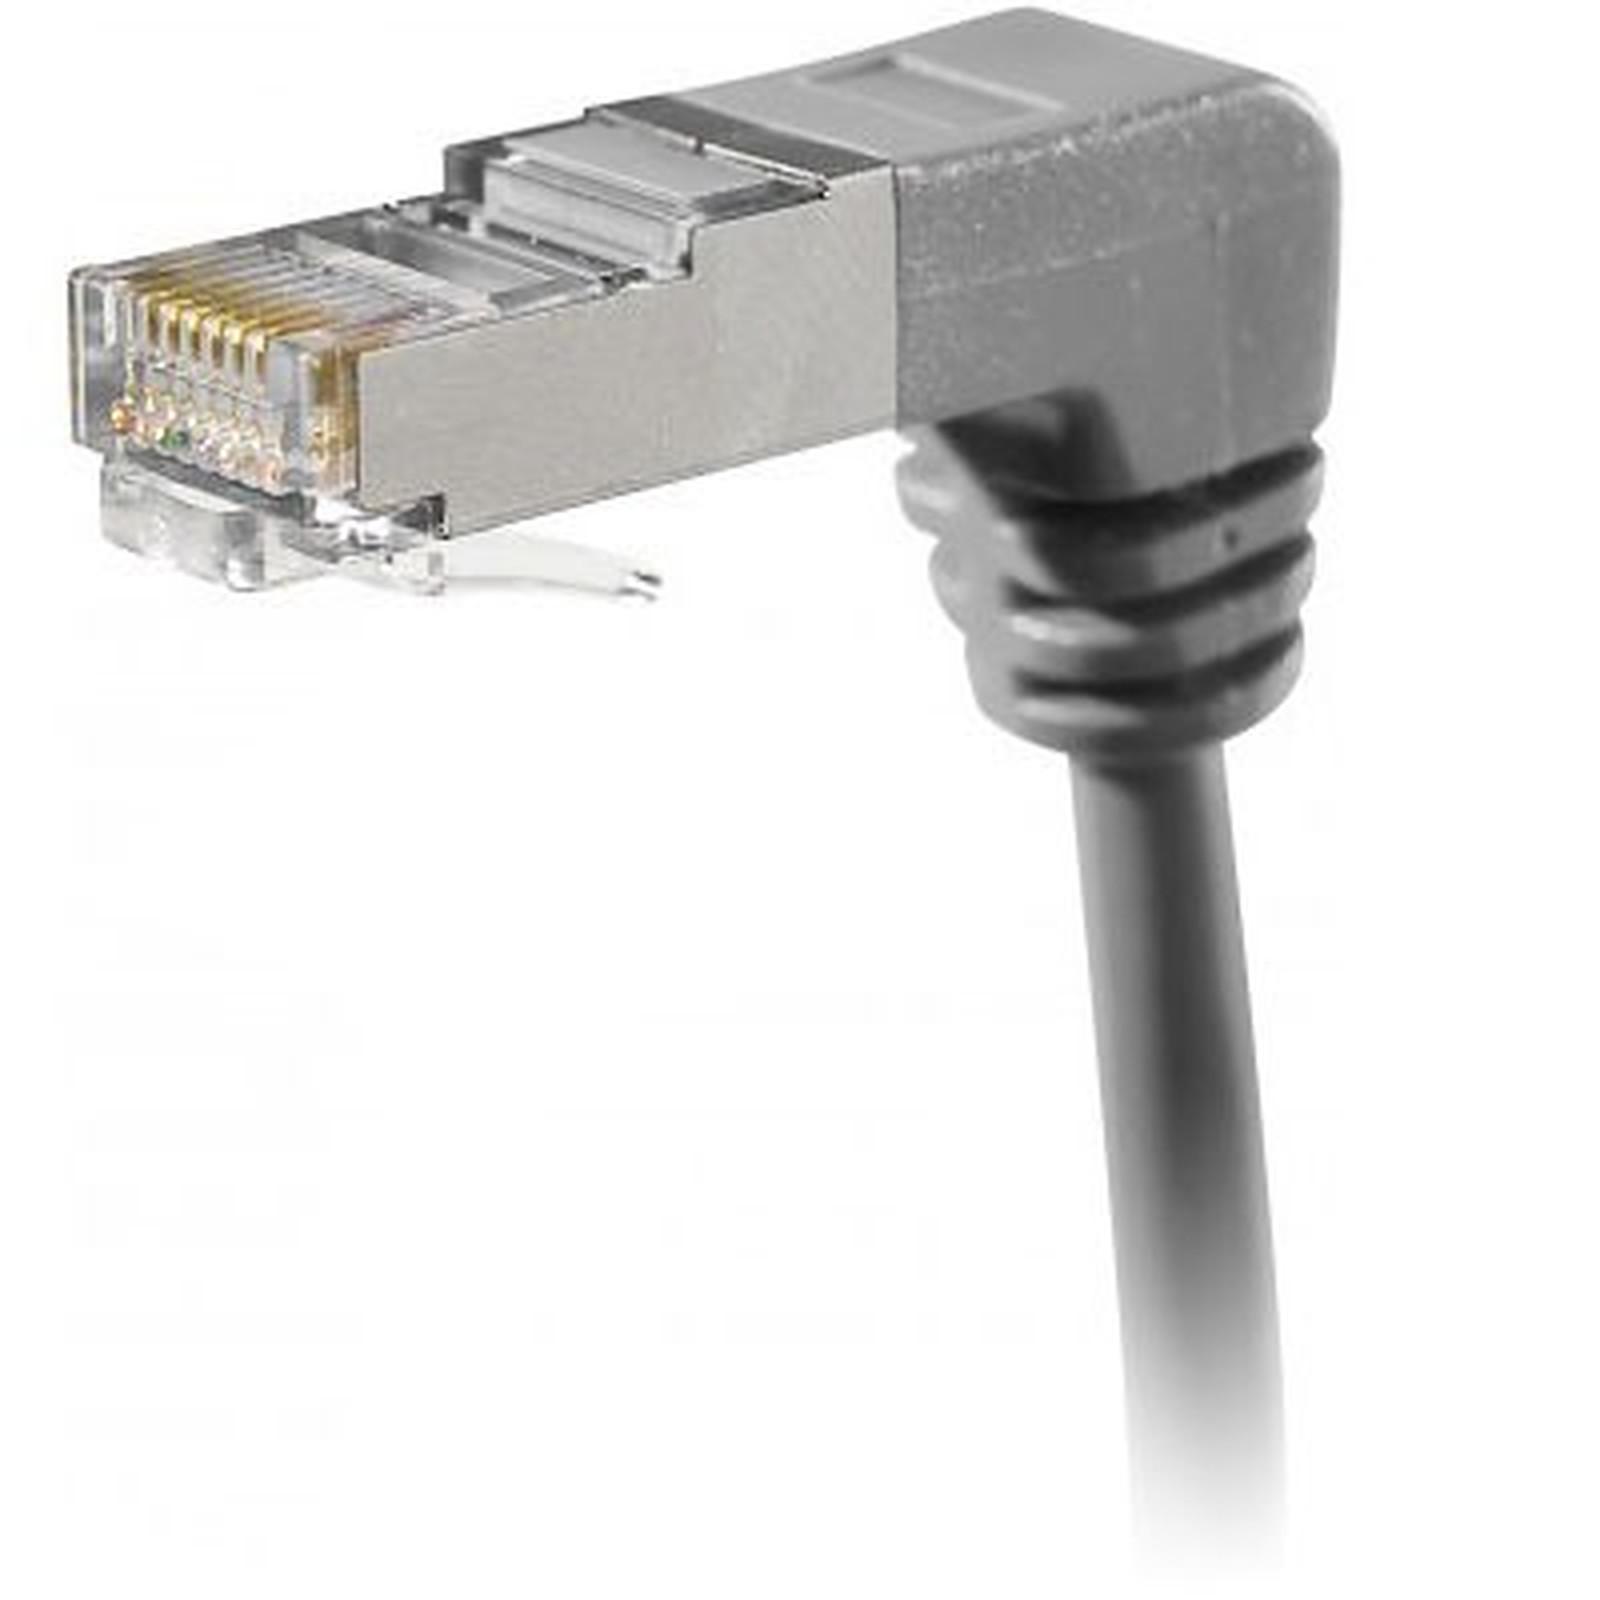 Câble RJ45 coudé catégorie 5e FTP 2 m (Gris)